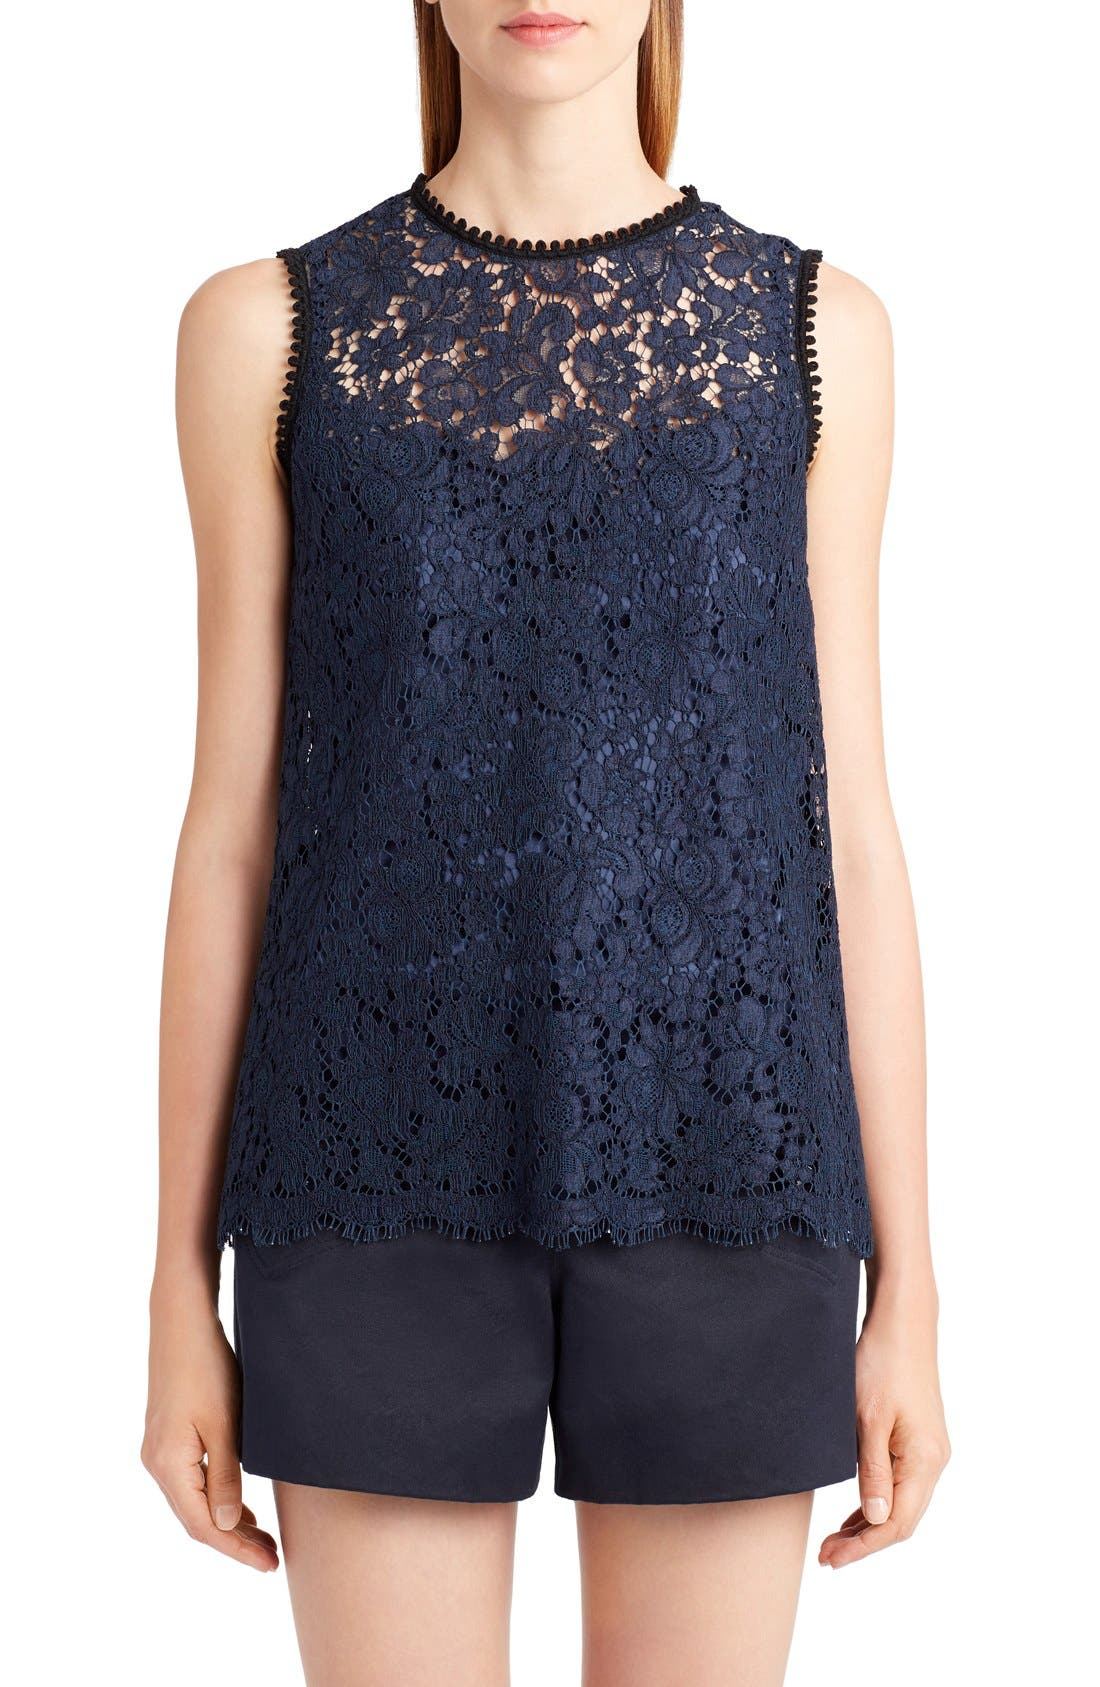 Dolce&Gabbana Lace Top